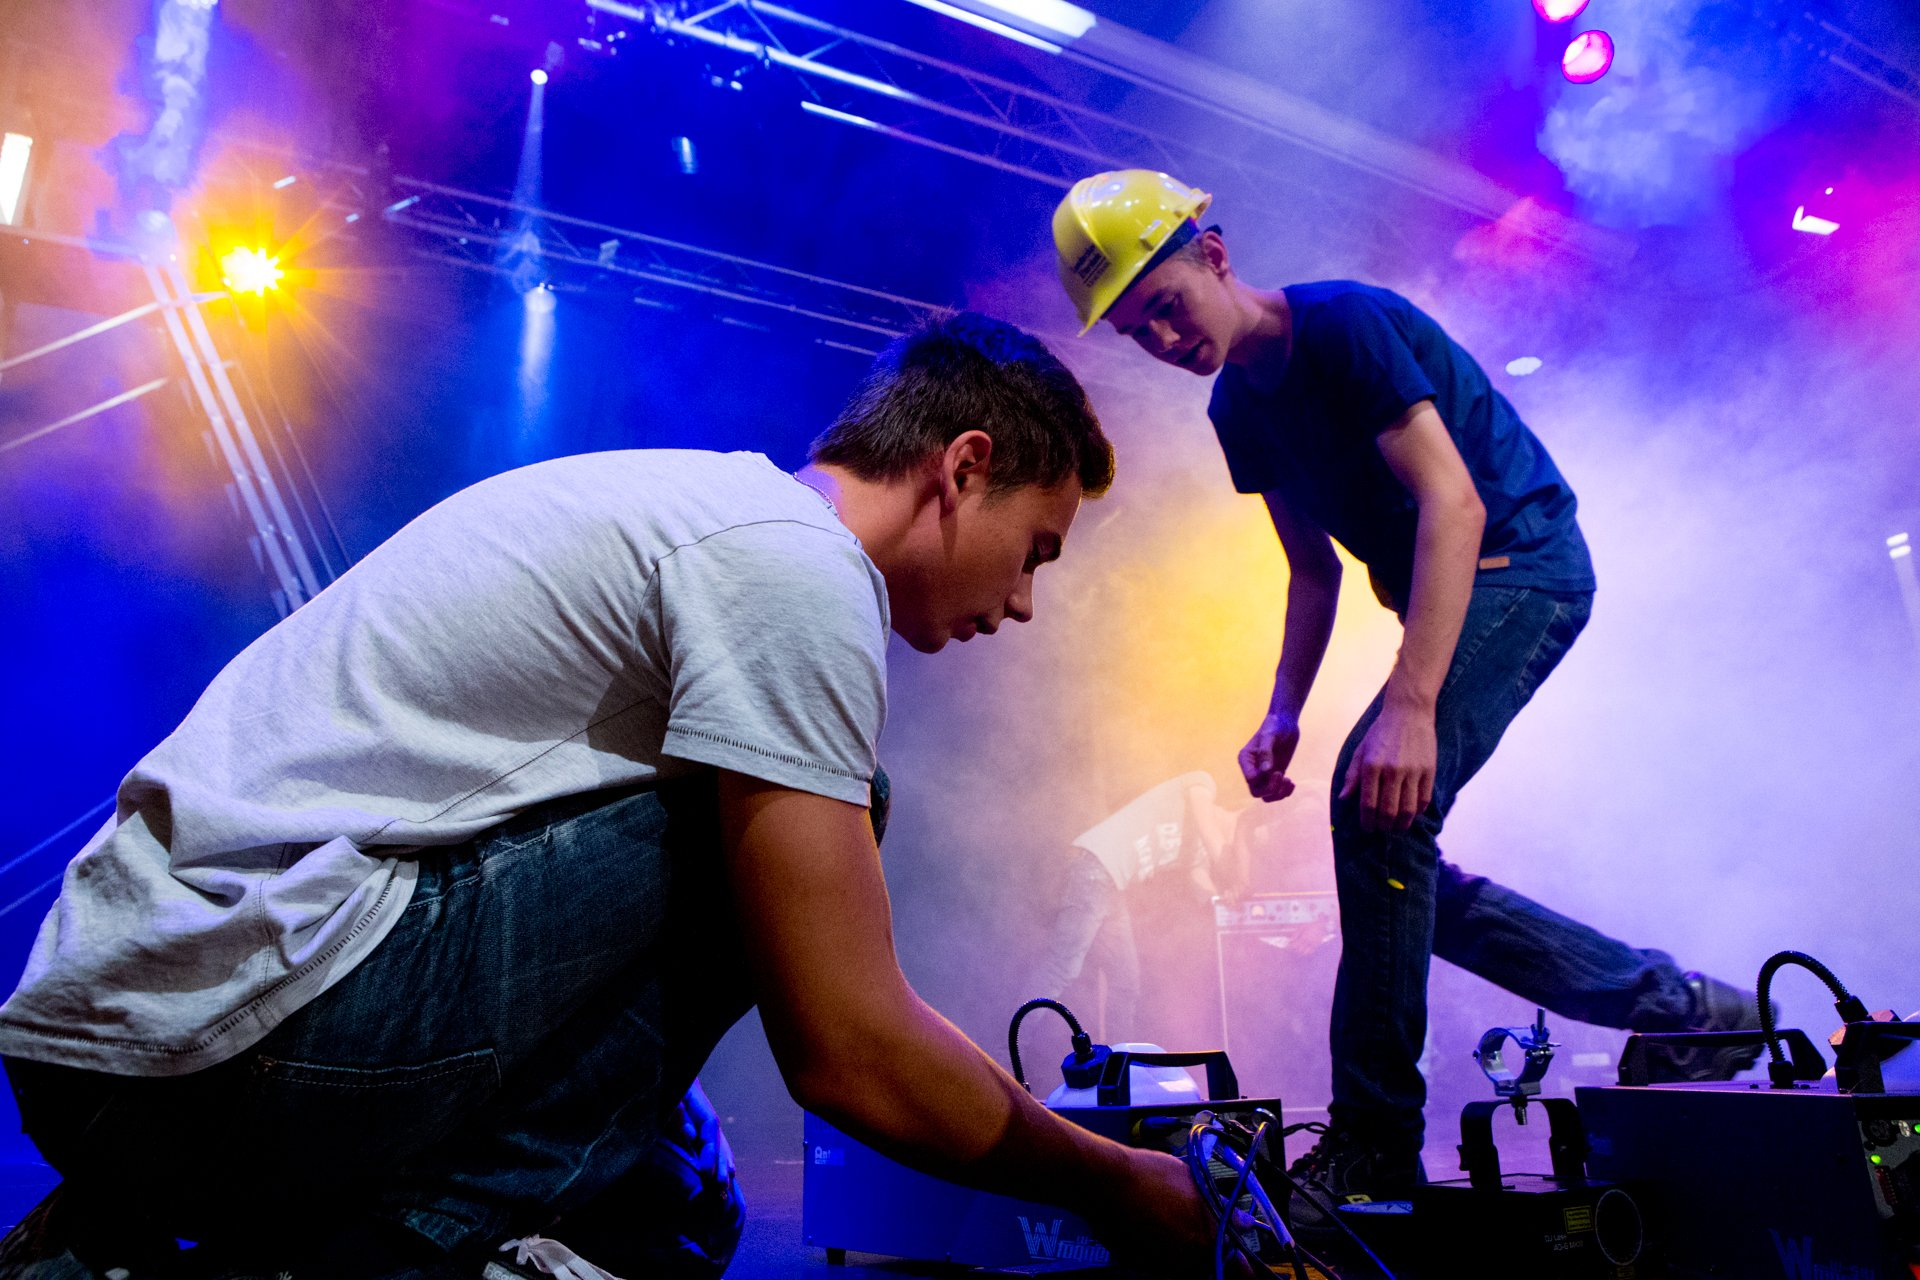 To drenge arbejder med teknik på en scene fyldt med røg til infoaften